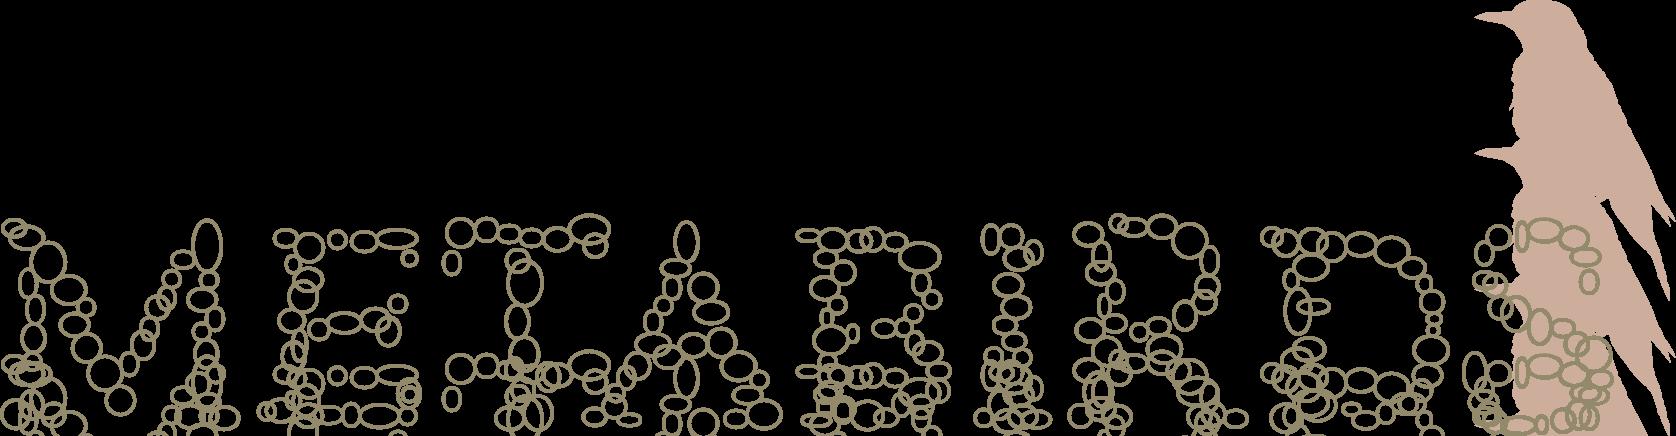 METABIRDS ロゴ